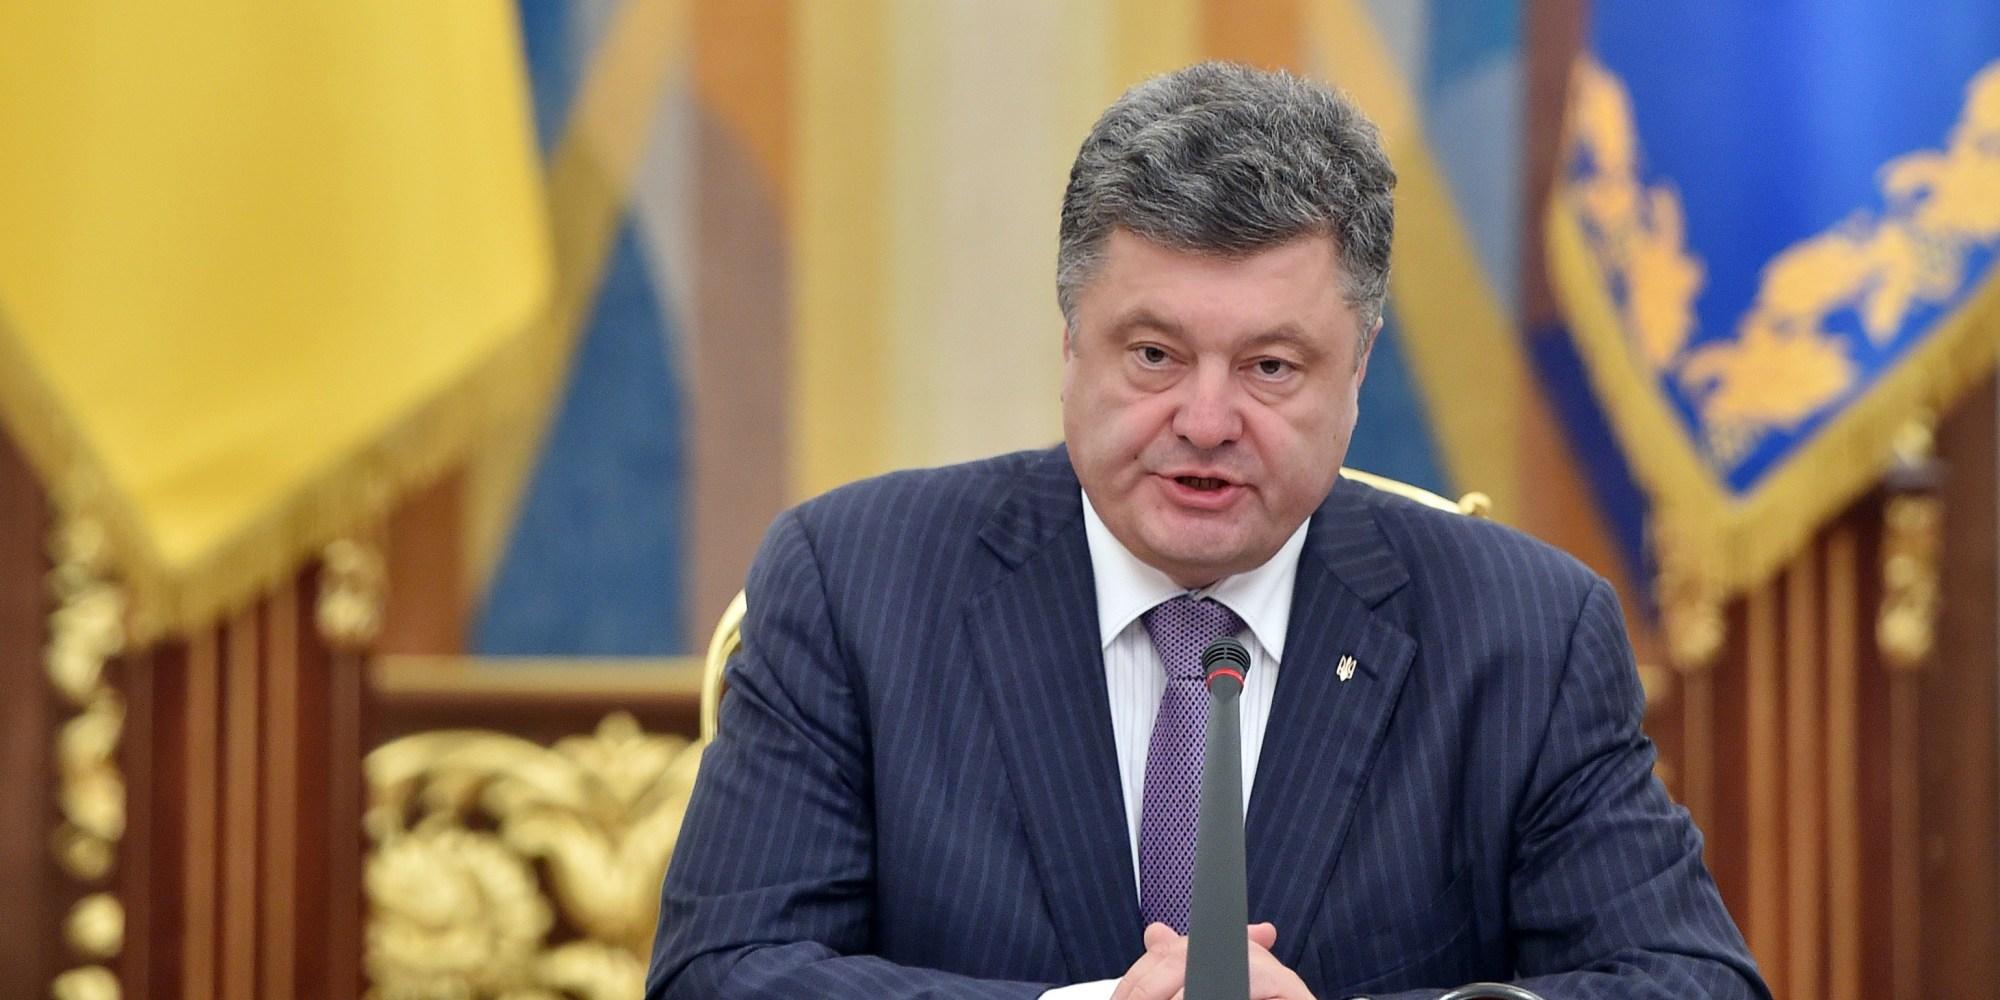 Liderul-de-la-Kiev-Petro-Poroșenko-mizează-pe-sprijinul-public-al-cancelariilor-occidentale-pentru-un-nou-mandat-prezidențial